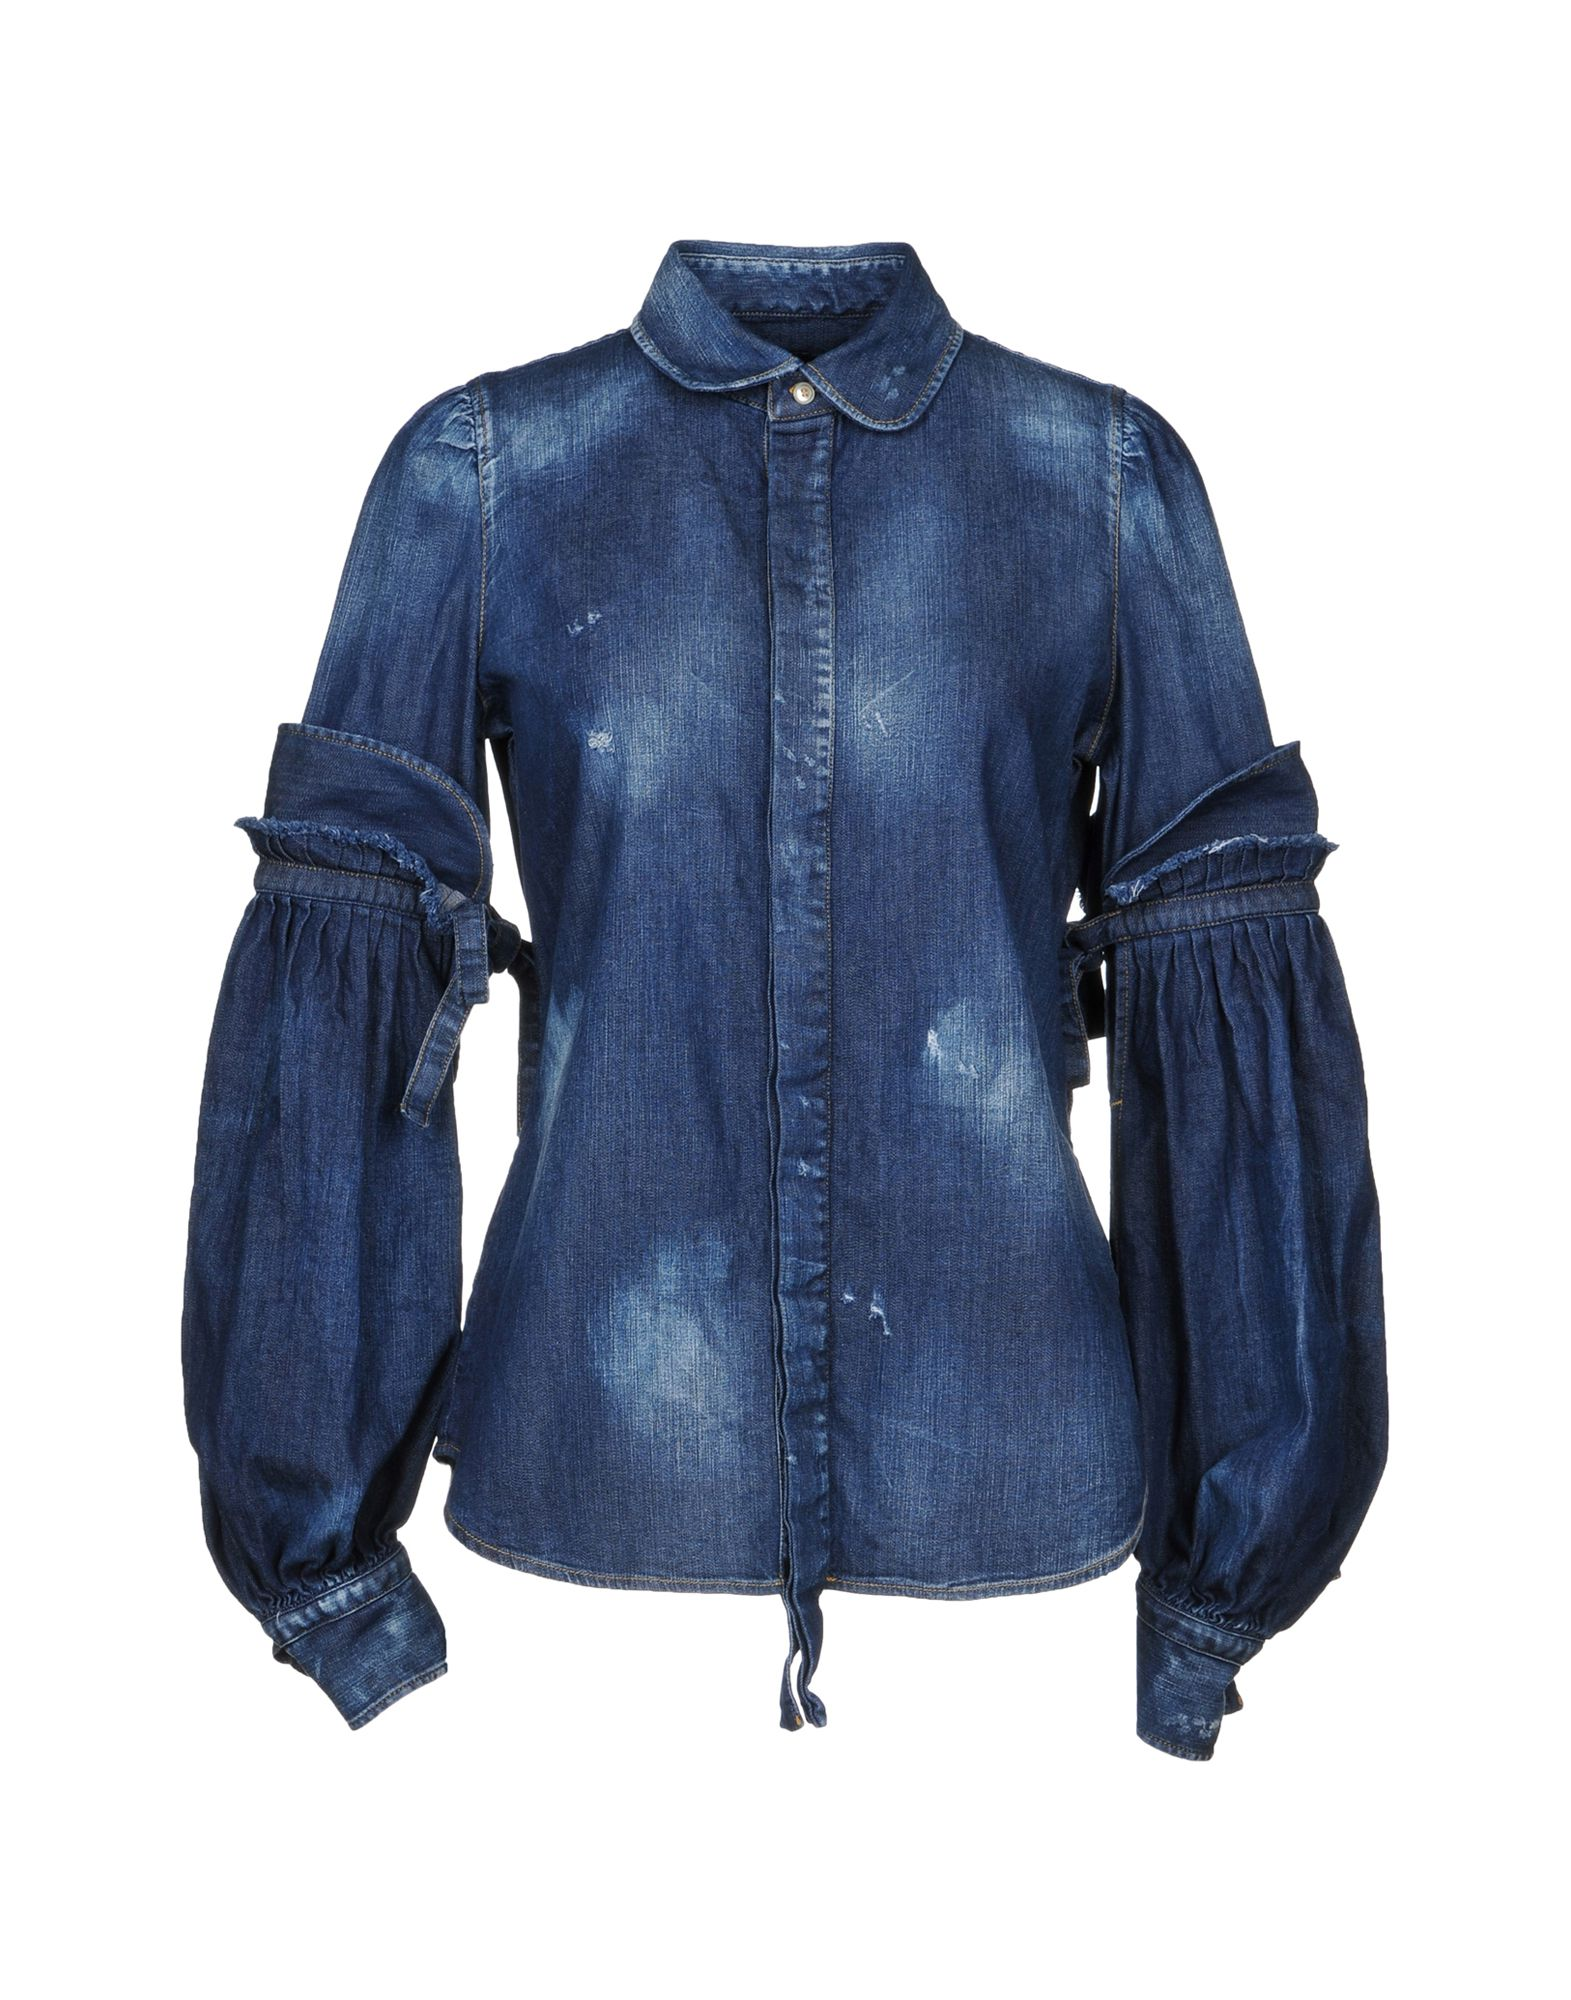 Camicia Jeans Dsquared2 Donna - Acquista online su Hy4mr